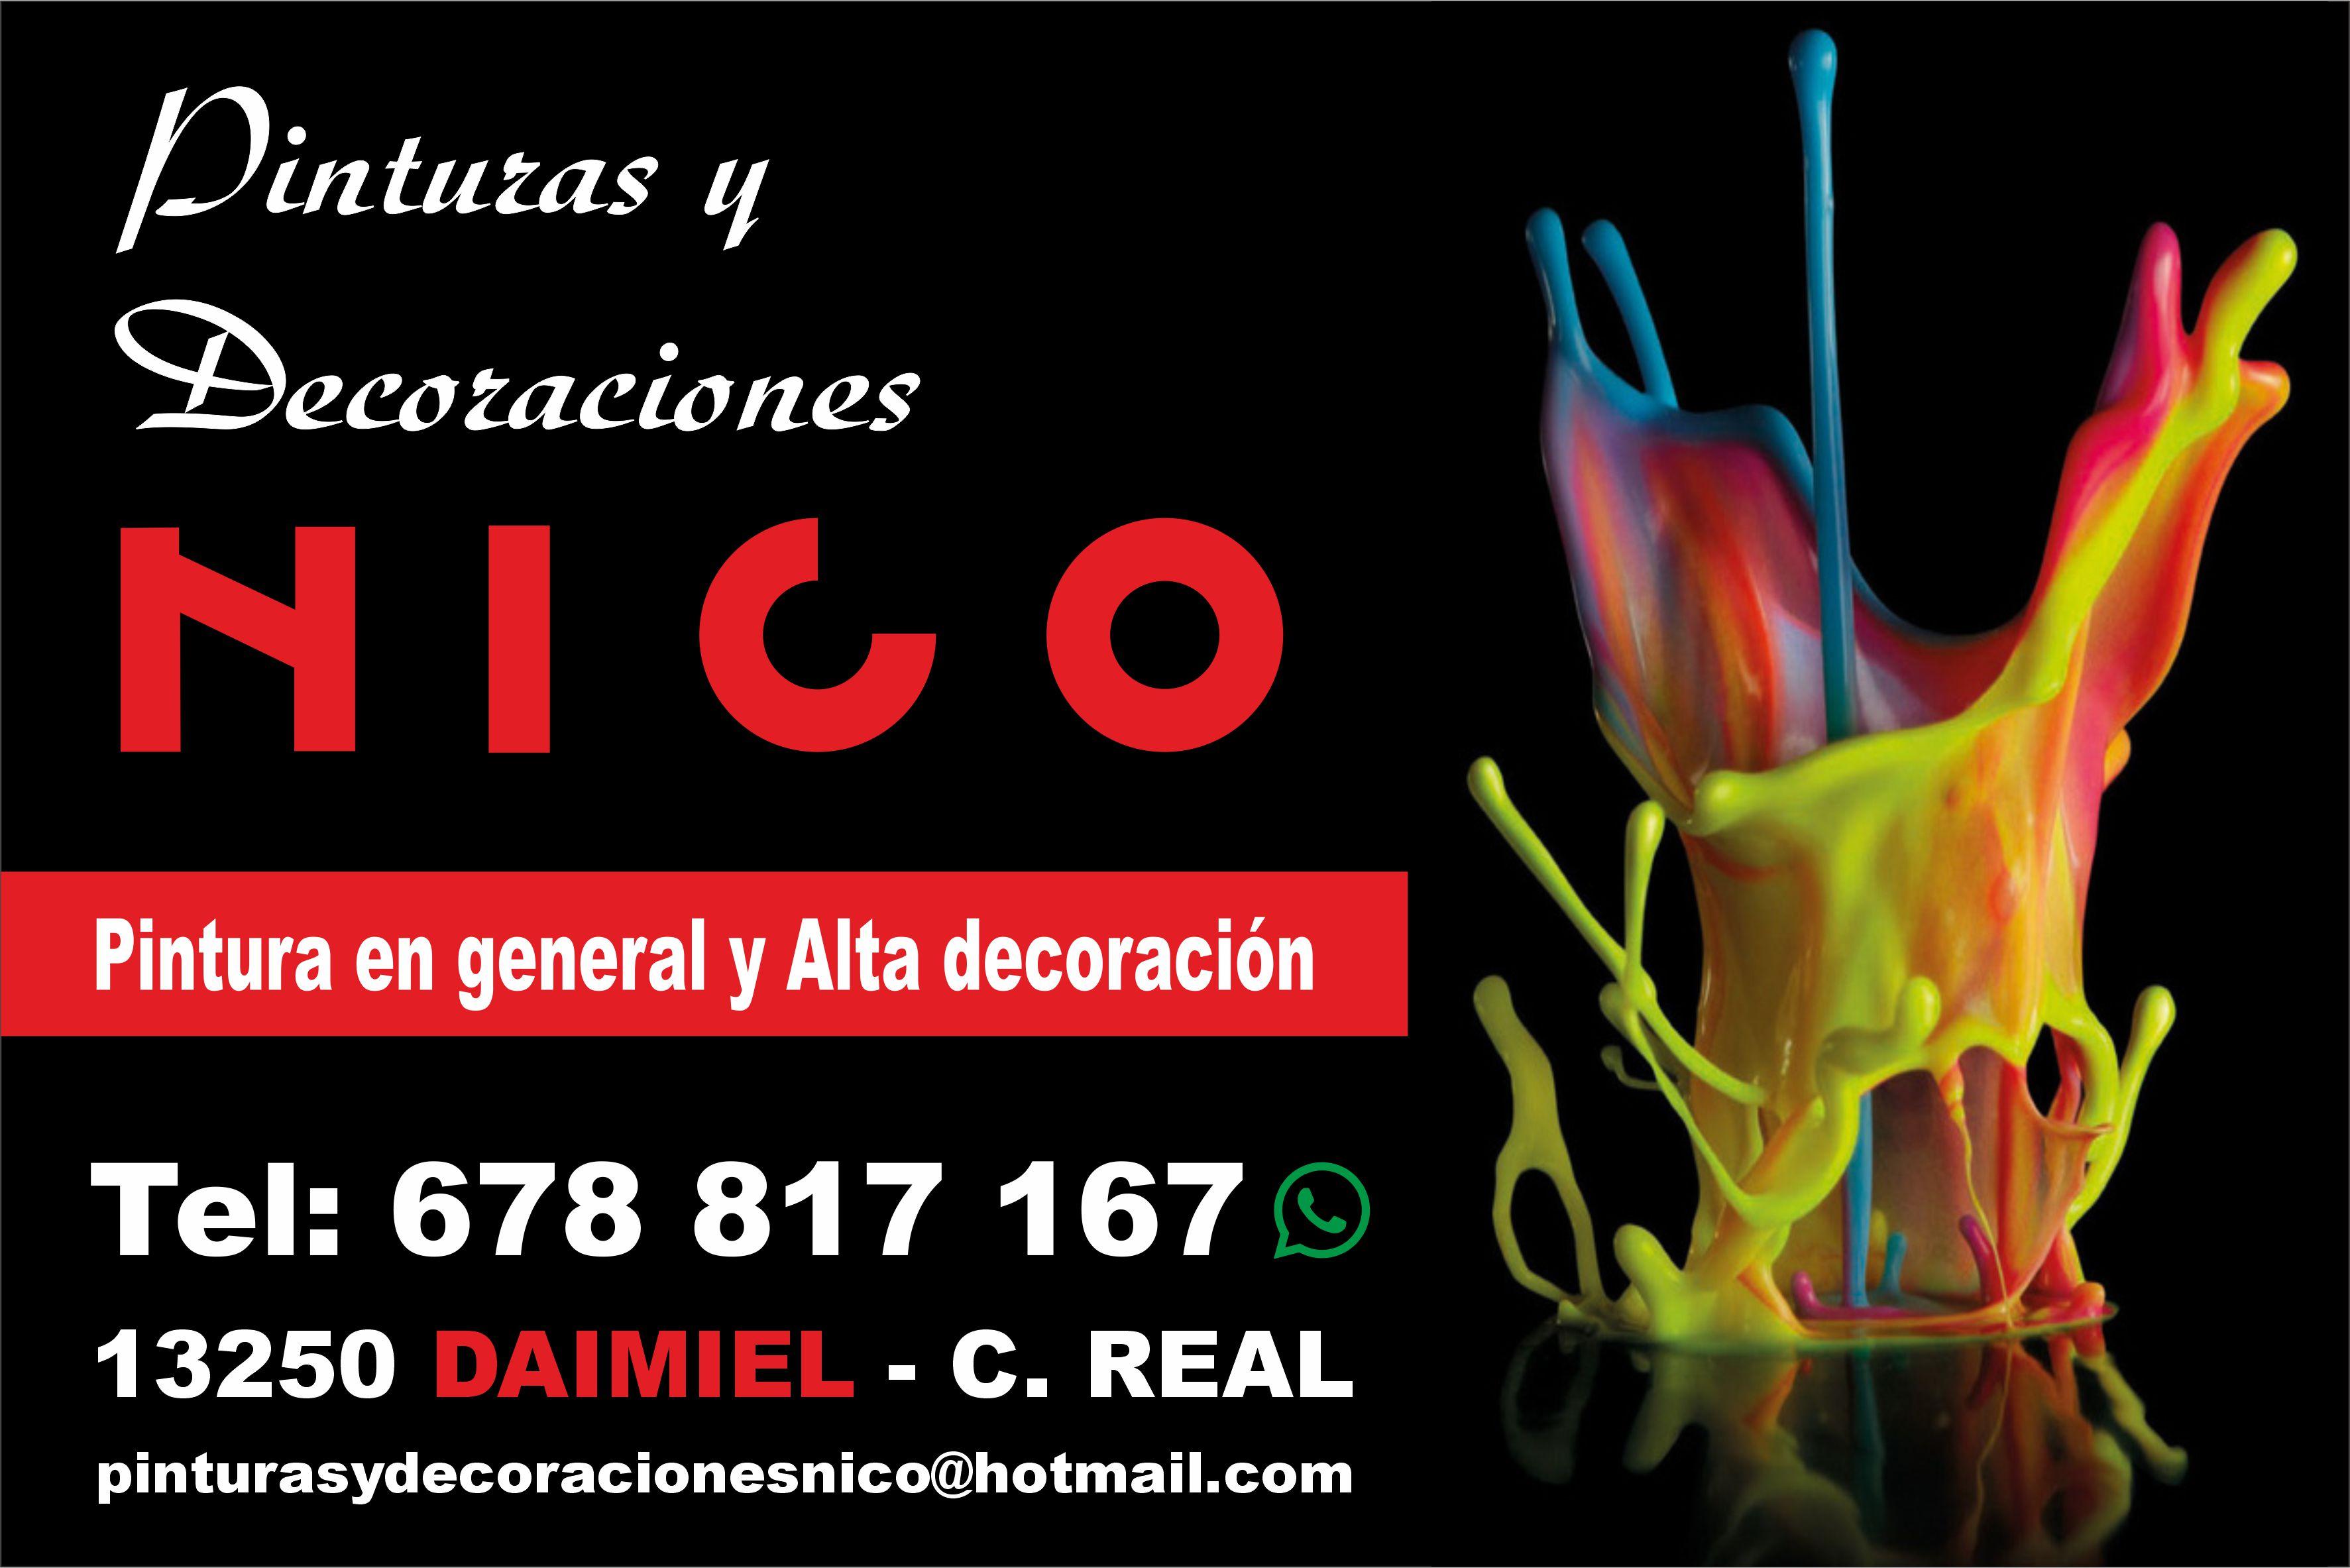 NICO PINTURAS Y DECORACIONES